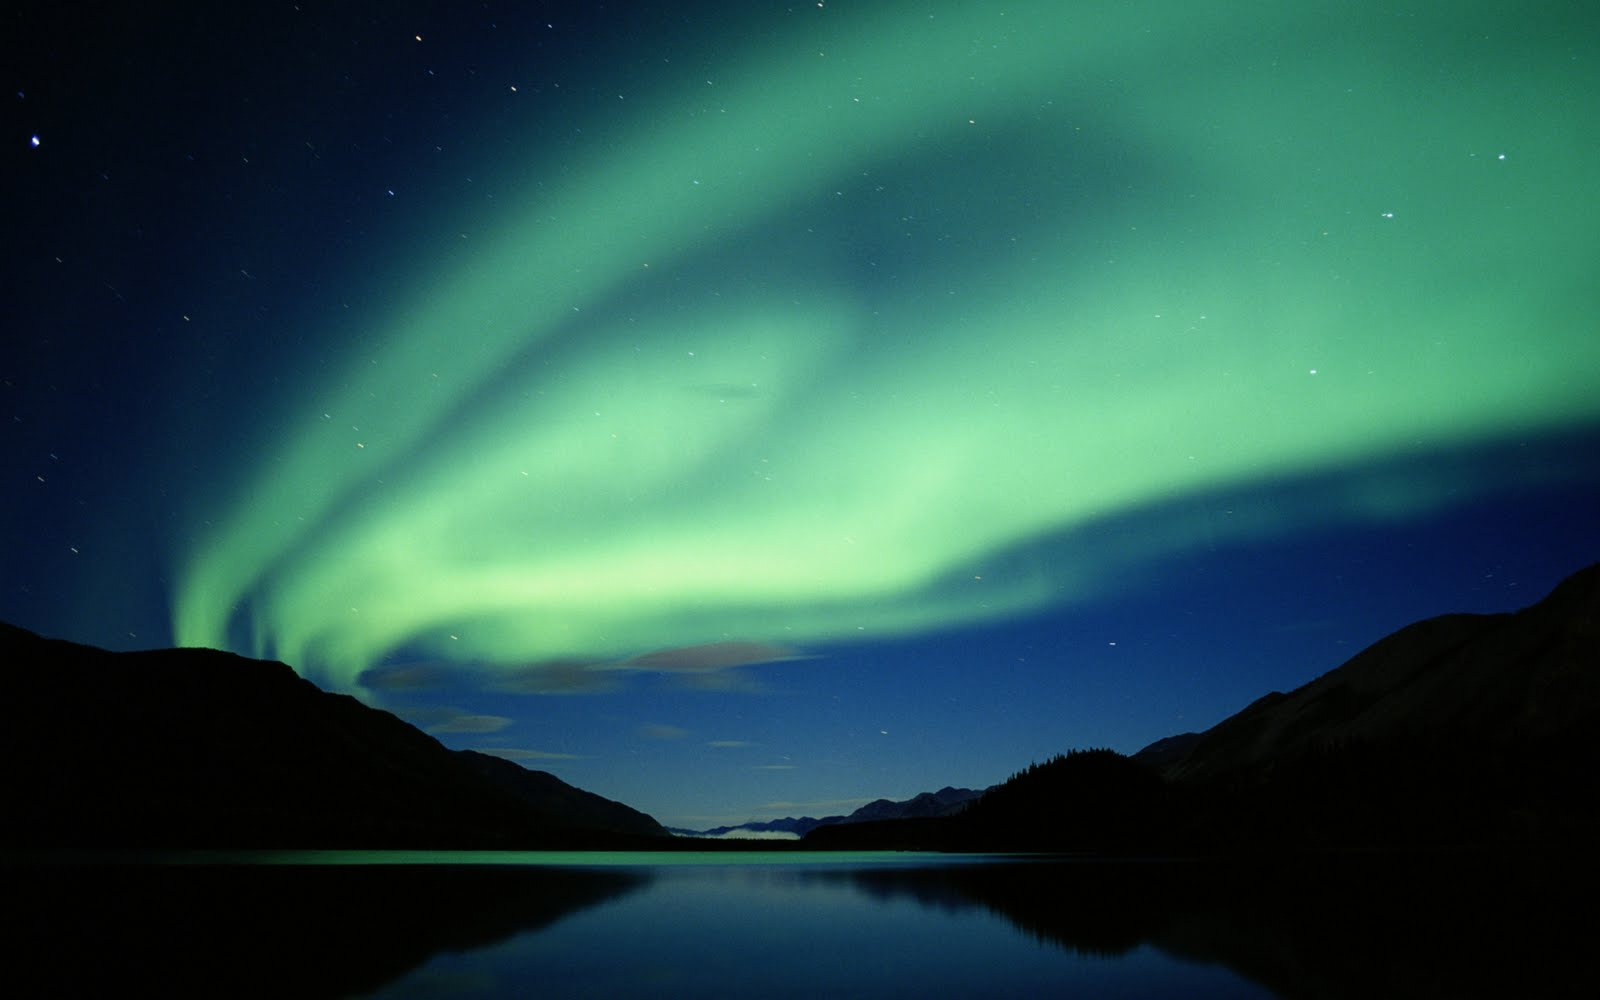 http://4.bp.blogspot.com/_Zw41kxI2akg/TGJE2cp6nTI/AAAAAAAACsM/l_RWvsHONFA/s1600/Aurora_Boreala.jpg